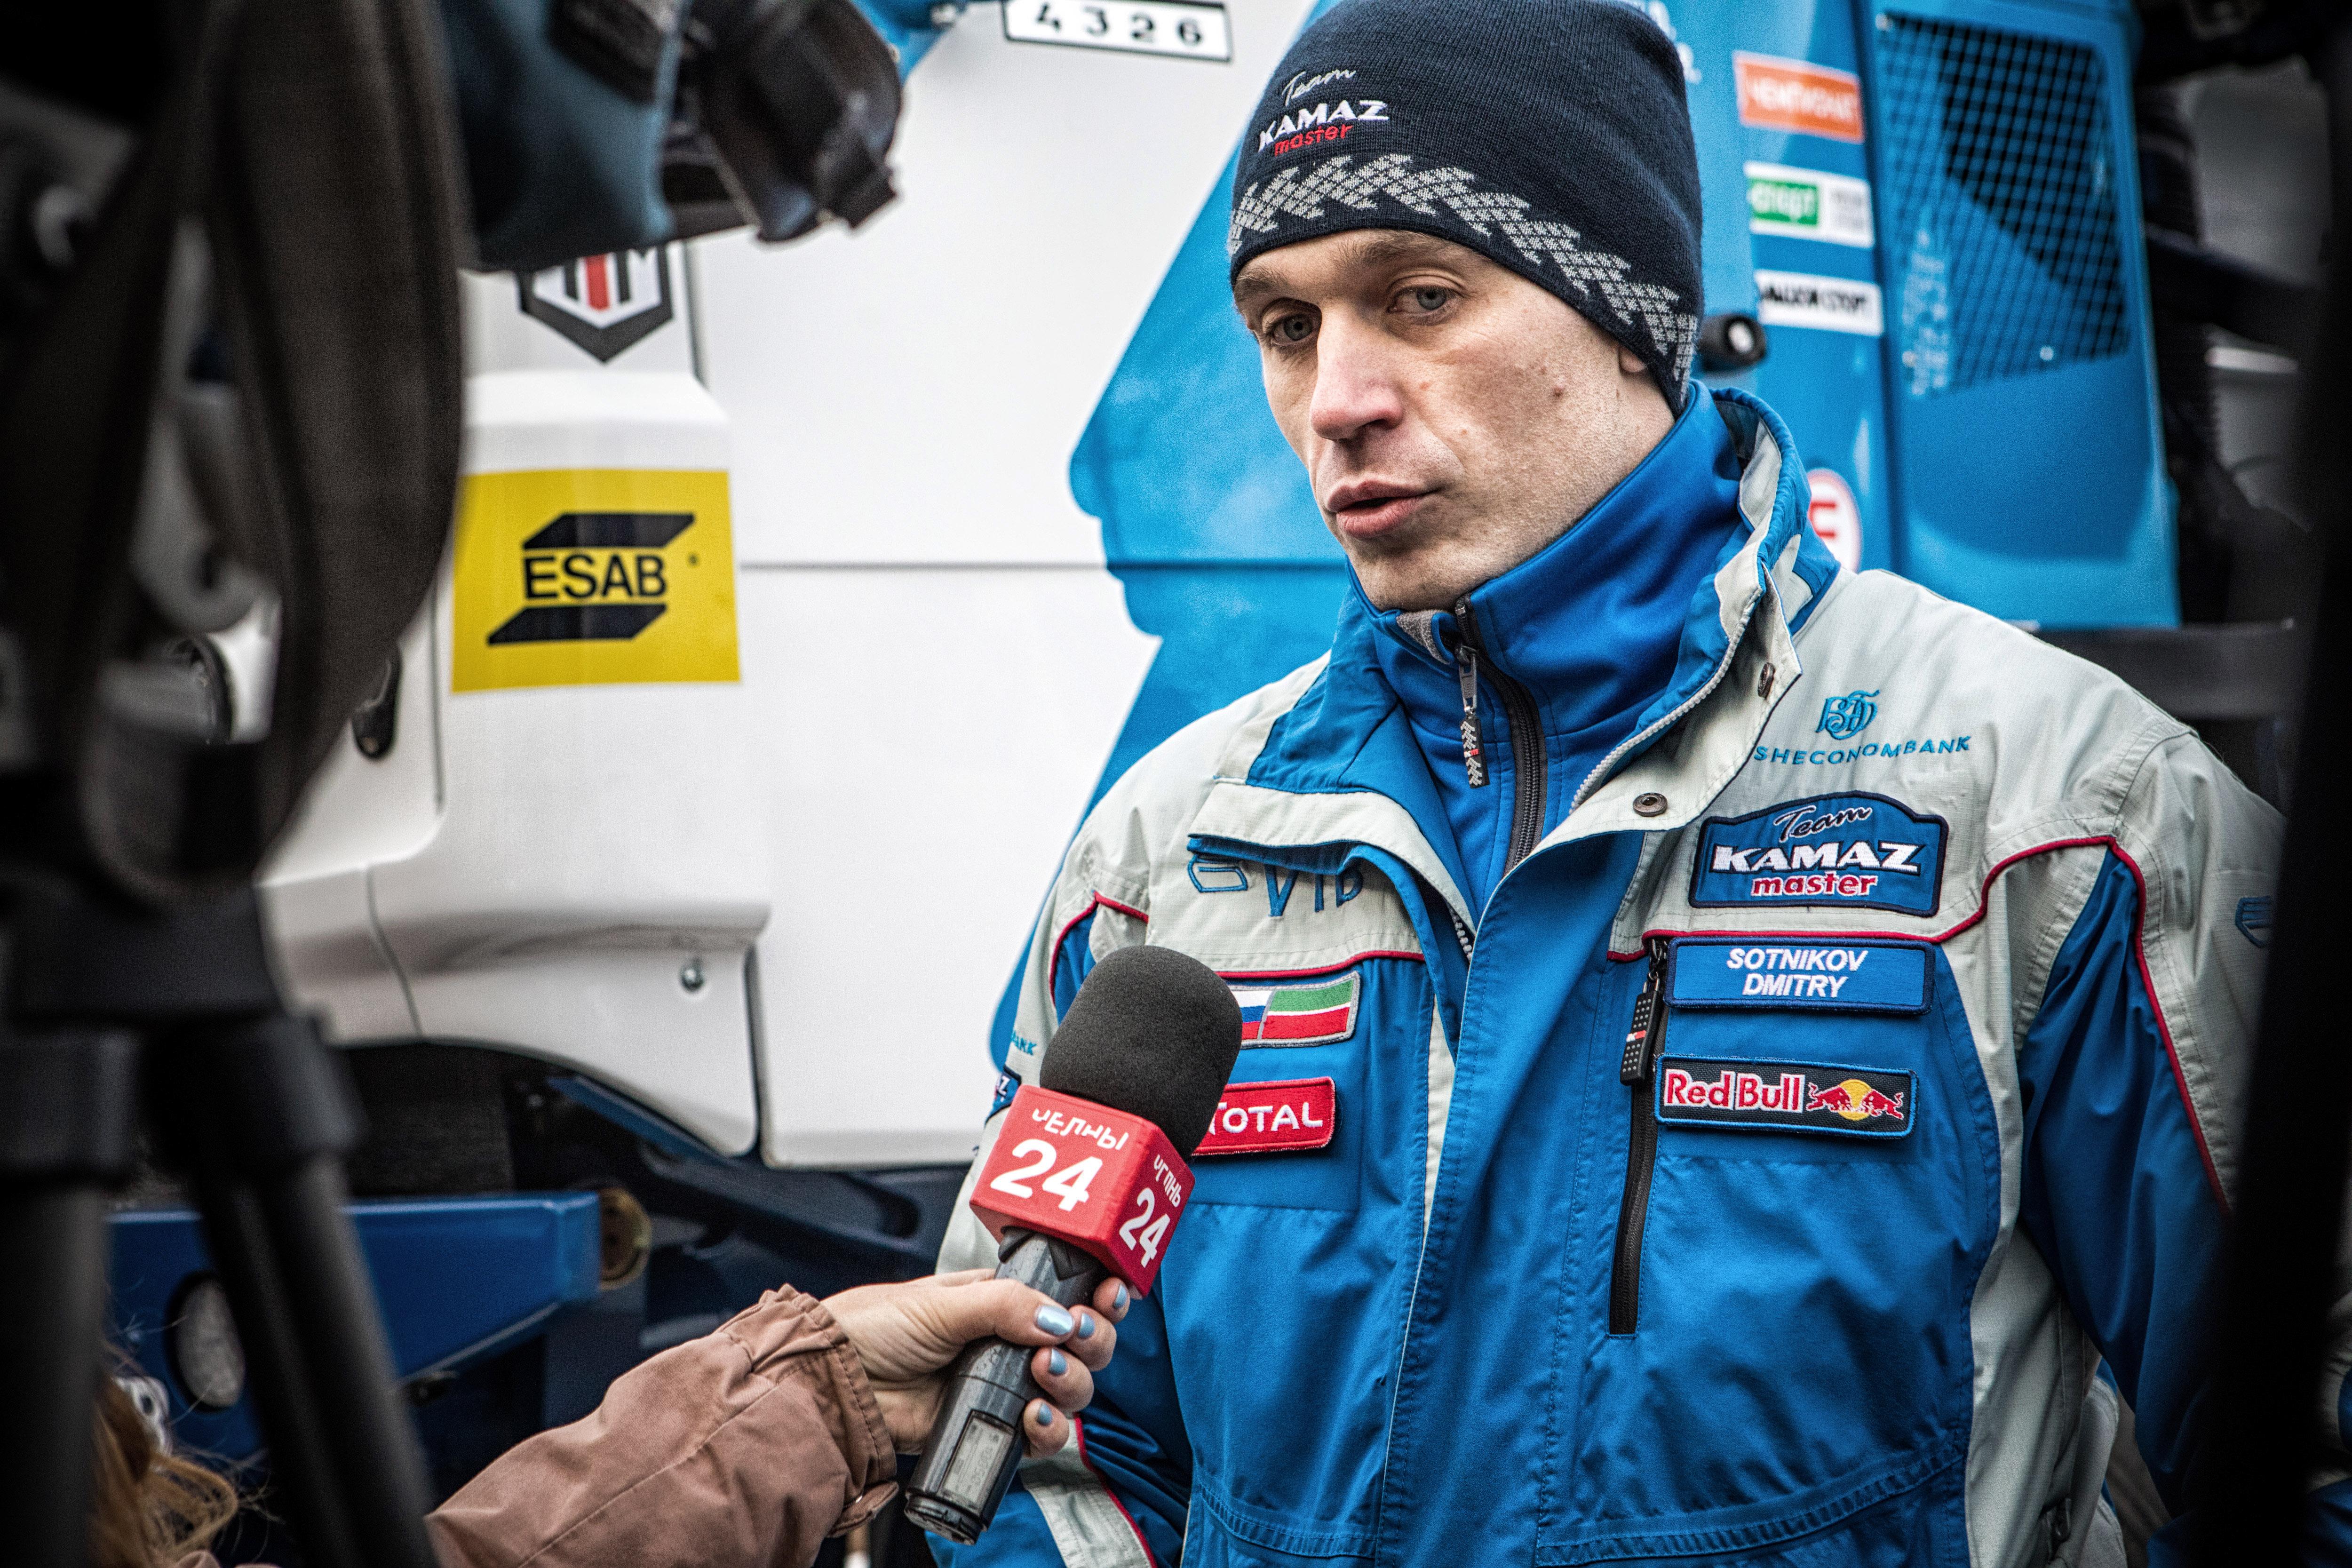 Дмитрий Сотников: «Буду работать на победу «КАМАЗа»